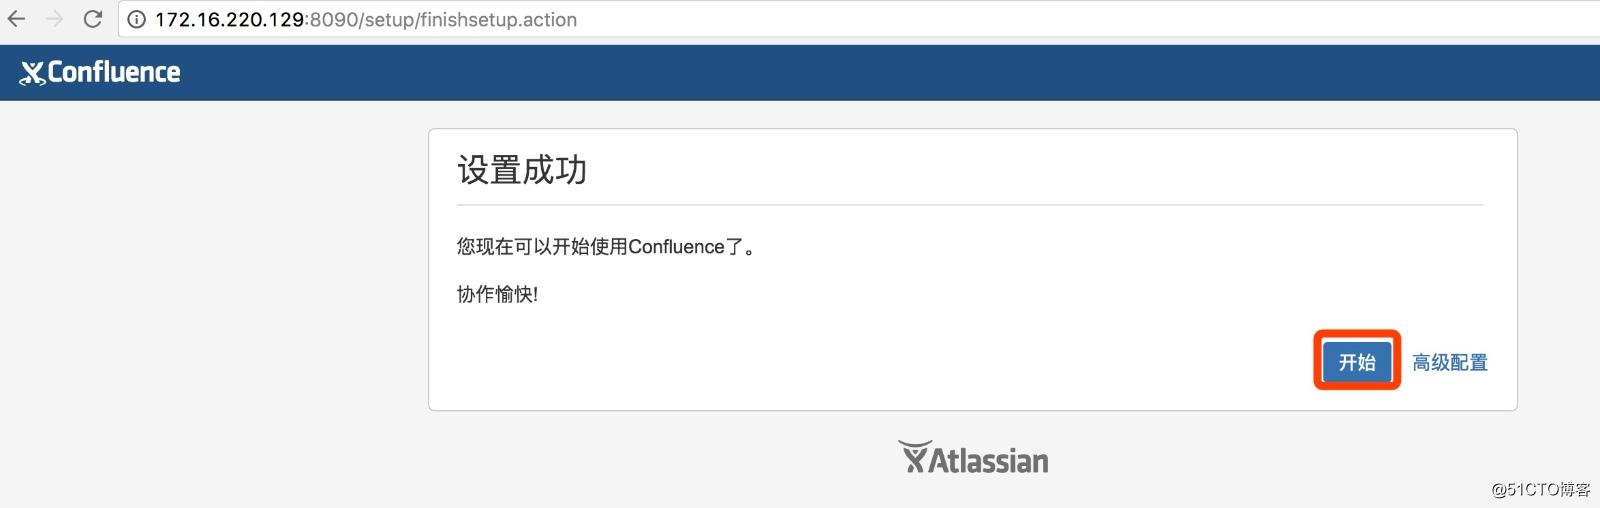 CentOS7 Confluence6 部署